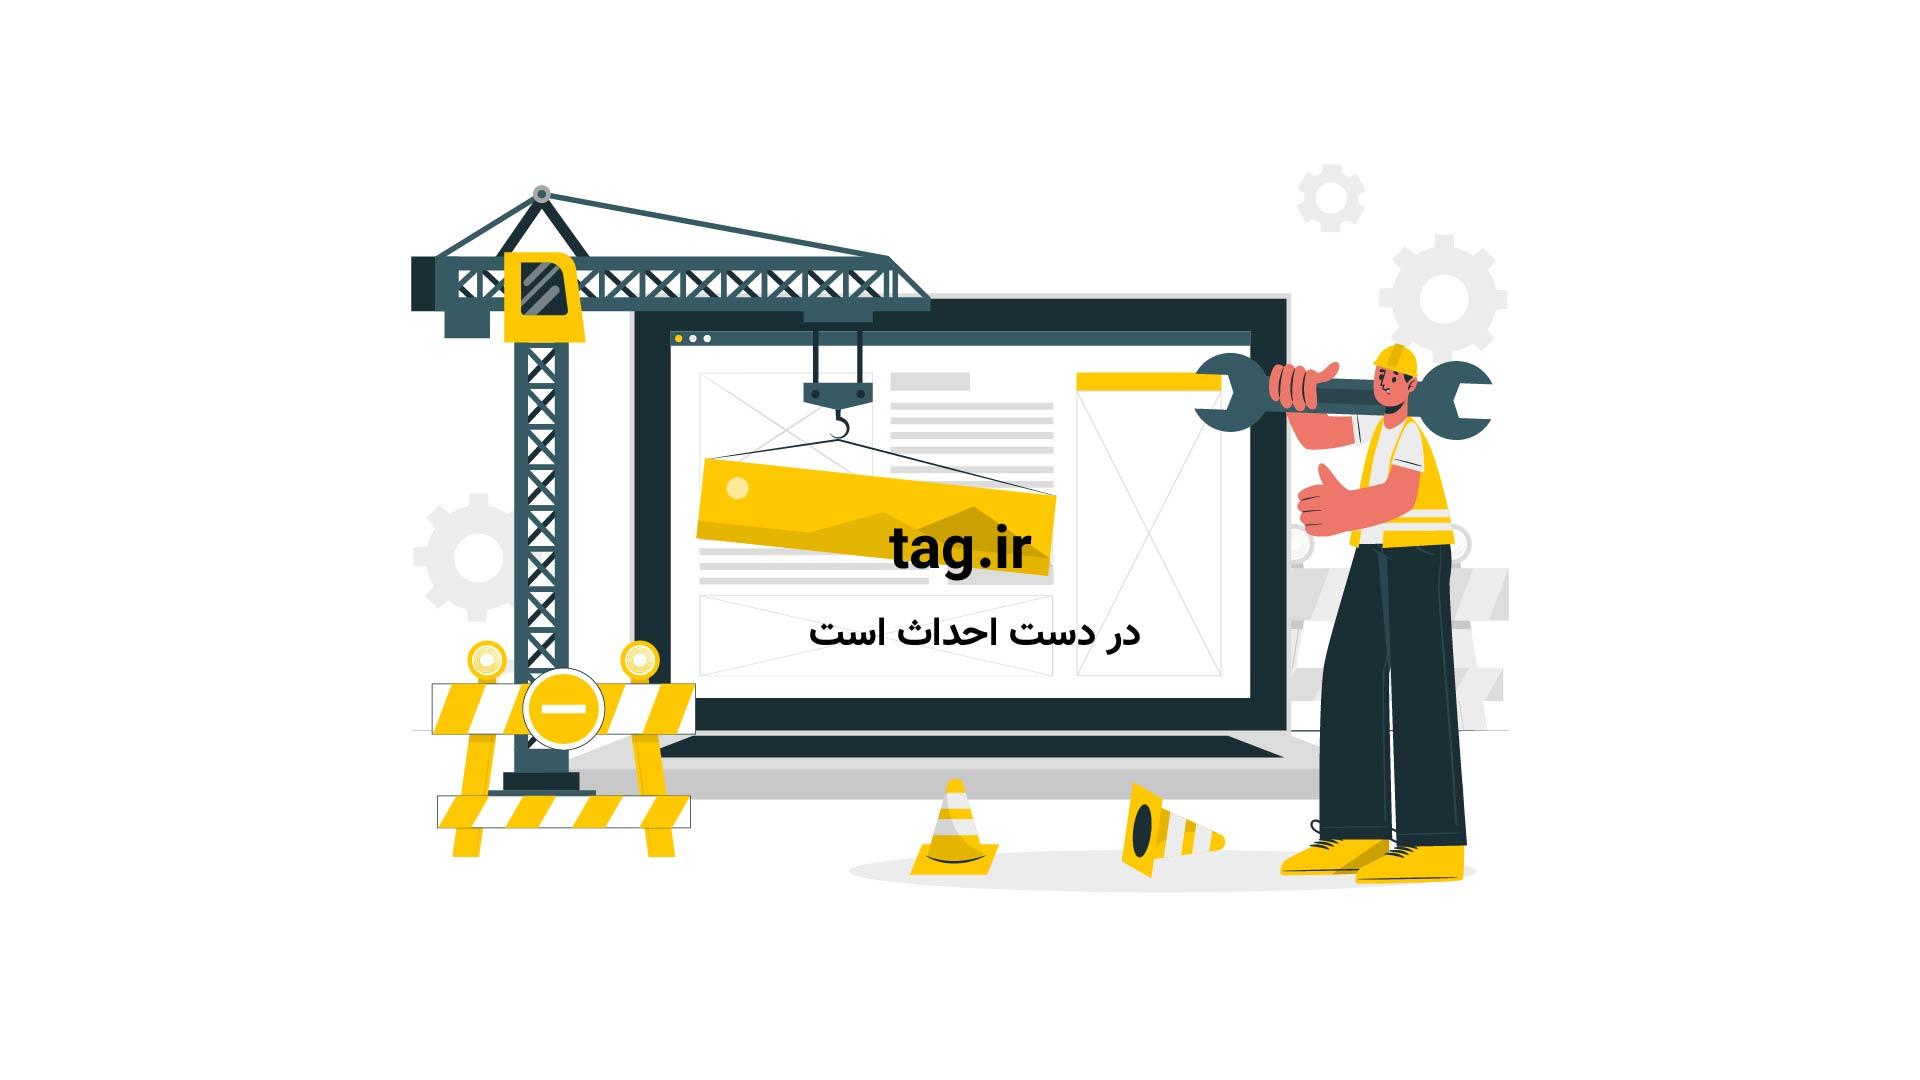 آموزش کشیدن دایناسور | تگ